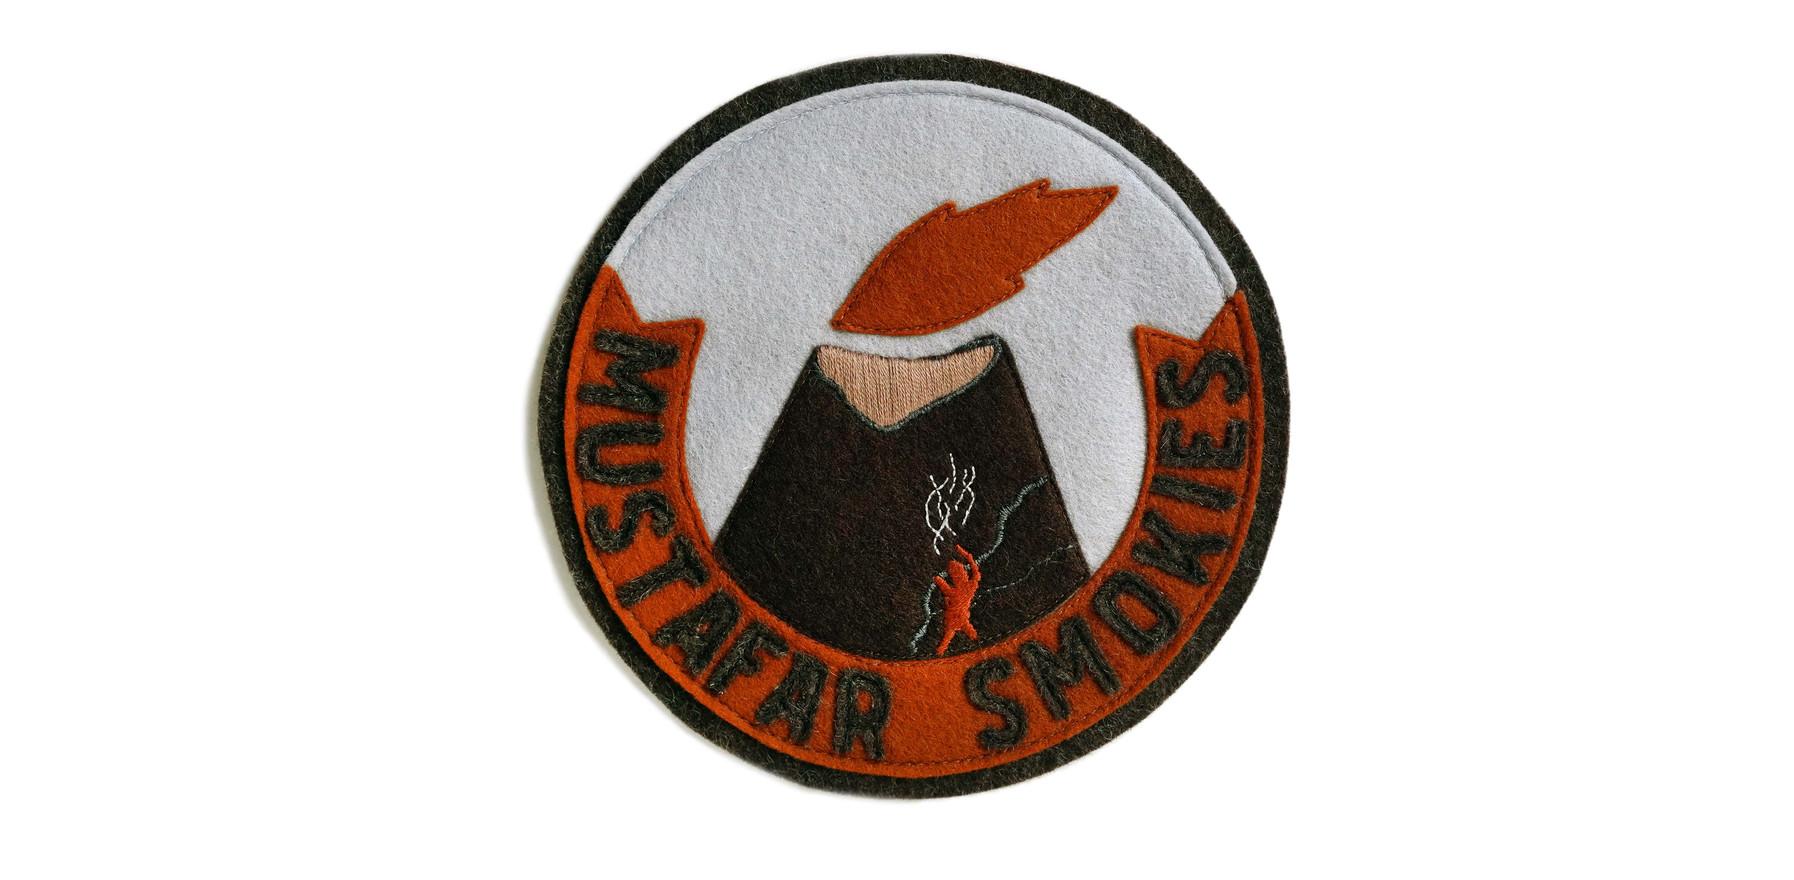 Mustafar Smokies